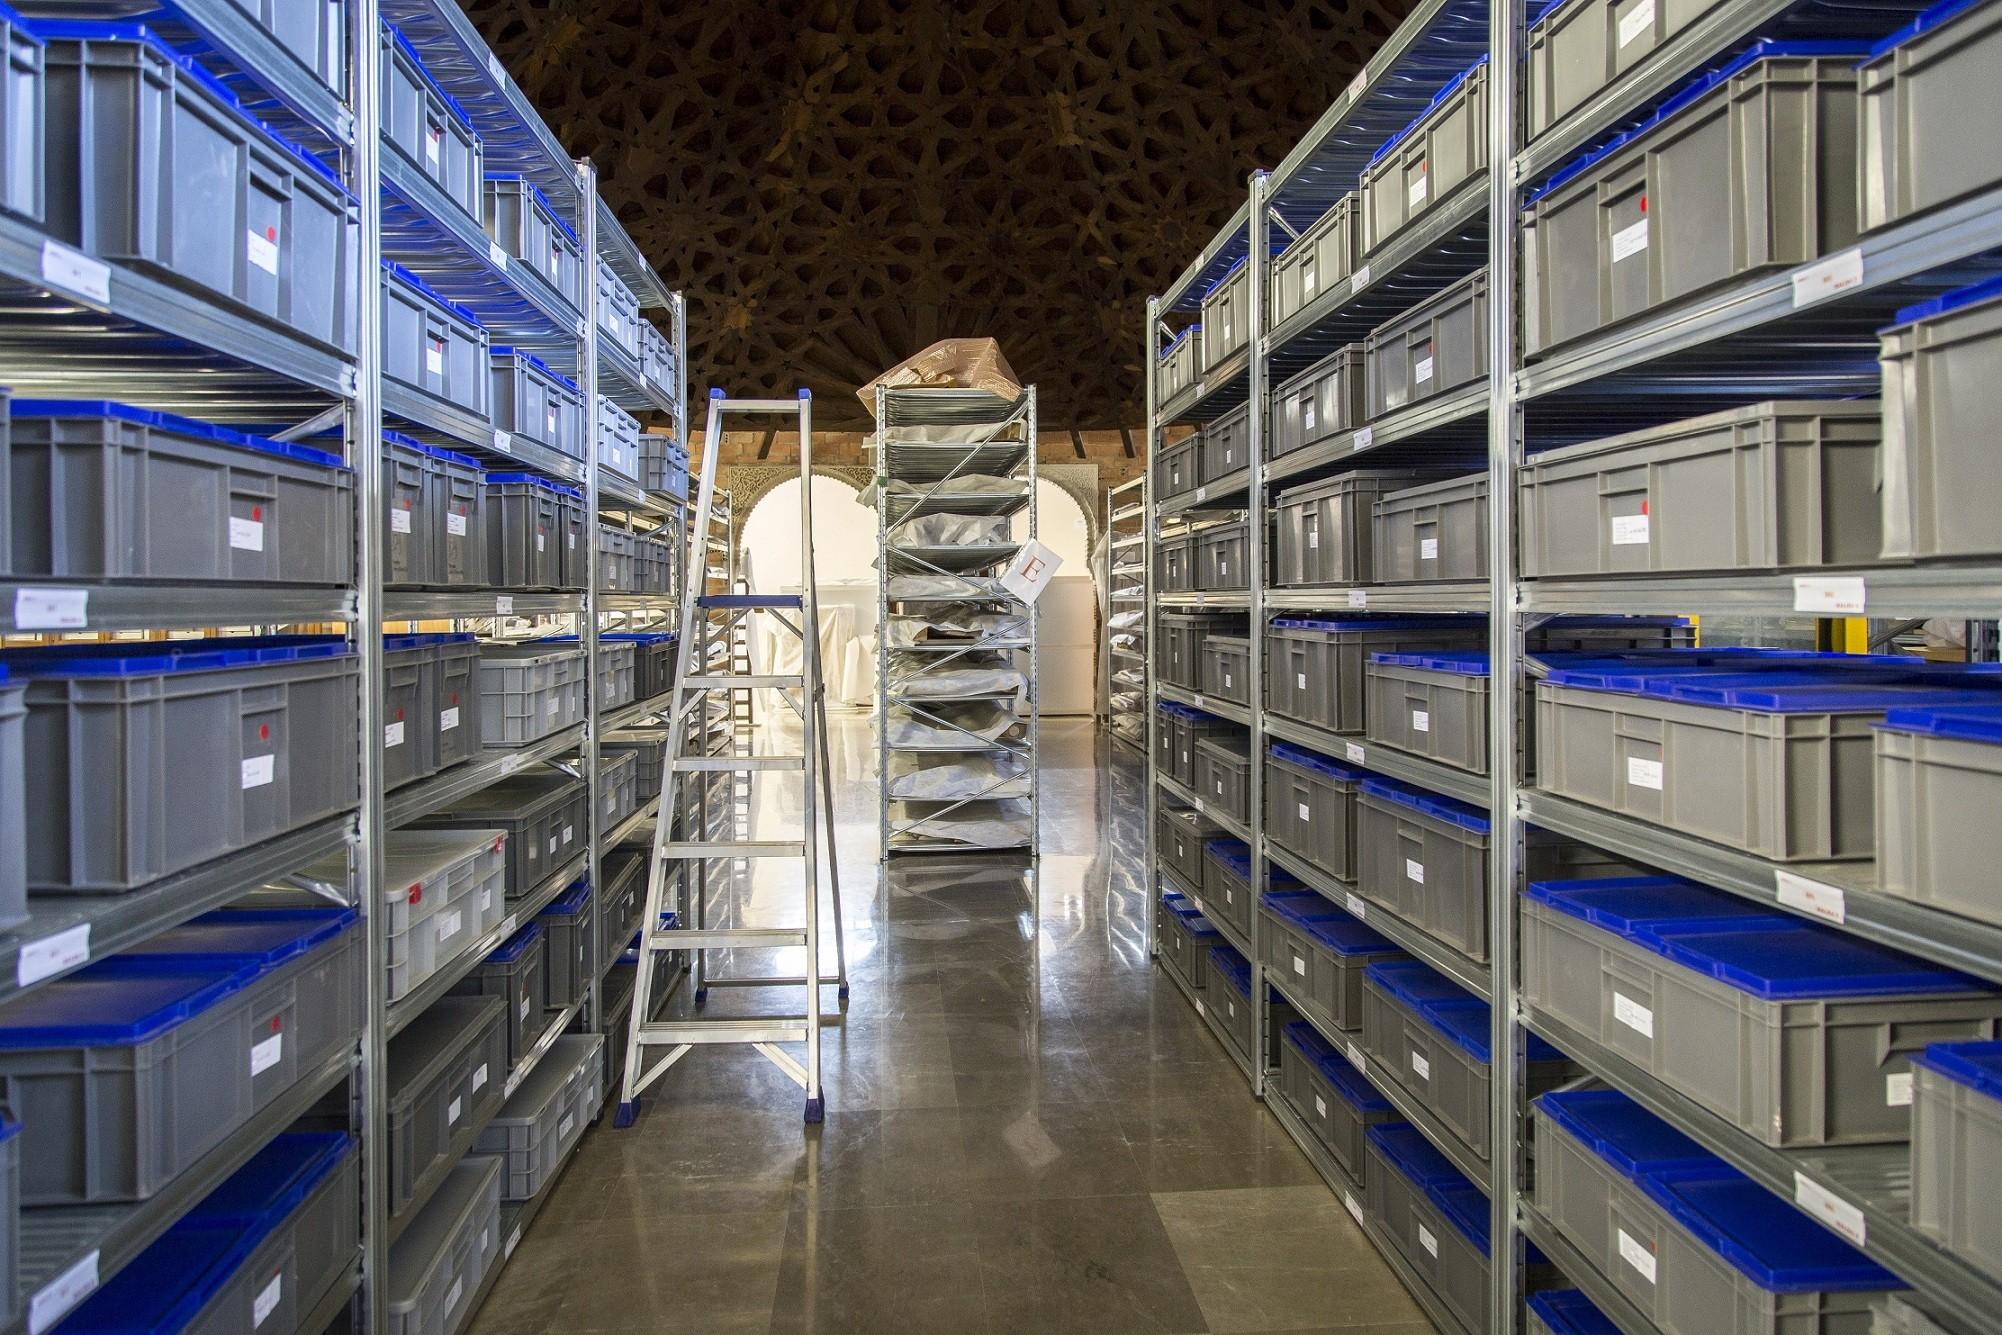 El tesoro oculto de la Alhambra. El almacén de Bienes Culturales